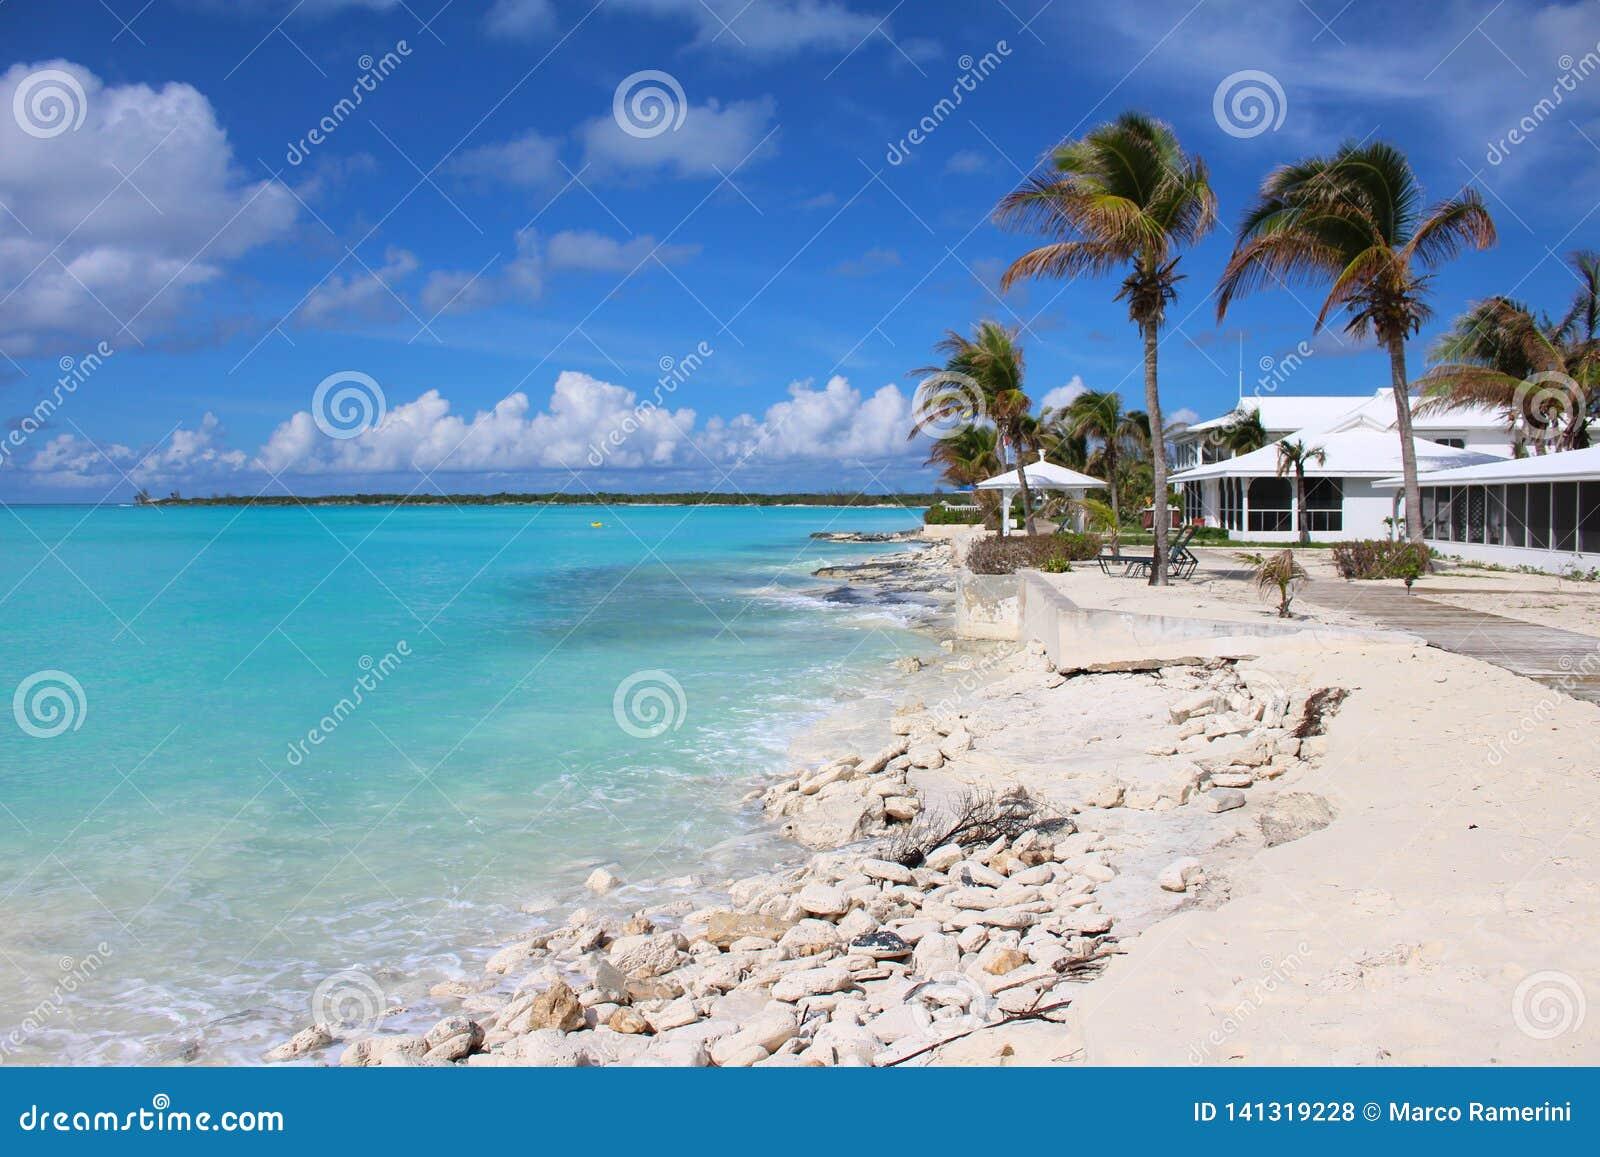 A Beach In Long Island, Bahamas Stock Photo - Image of ... on andros, bahamas, eleuthera bahamas, abaco bahamas, matthew town bahamas, san salvador bahamas, harbour island bahamas, ragged island, dean's blue hole, grand bahama, green turtle cay bahamas, paradise island, new providence, crooked island, hope town bahamas, inagua bahamas, grand cay bahamas, clarence town bahamas, freeport bahamas, rum cay bahamas, spanish wells bahamas, deadman's cay bahamas, cat island, berry islands, exuma bahamas, cat island bahamas, the bahamas, andros bahamas, ragged island bahamas, nassau bahamas, rum cay, half moon cay bahamas,